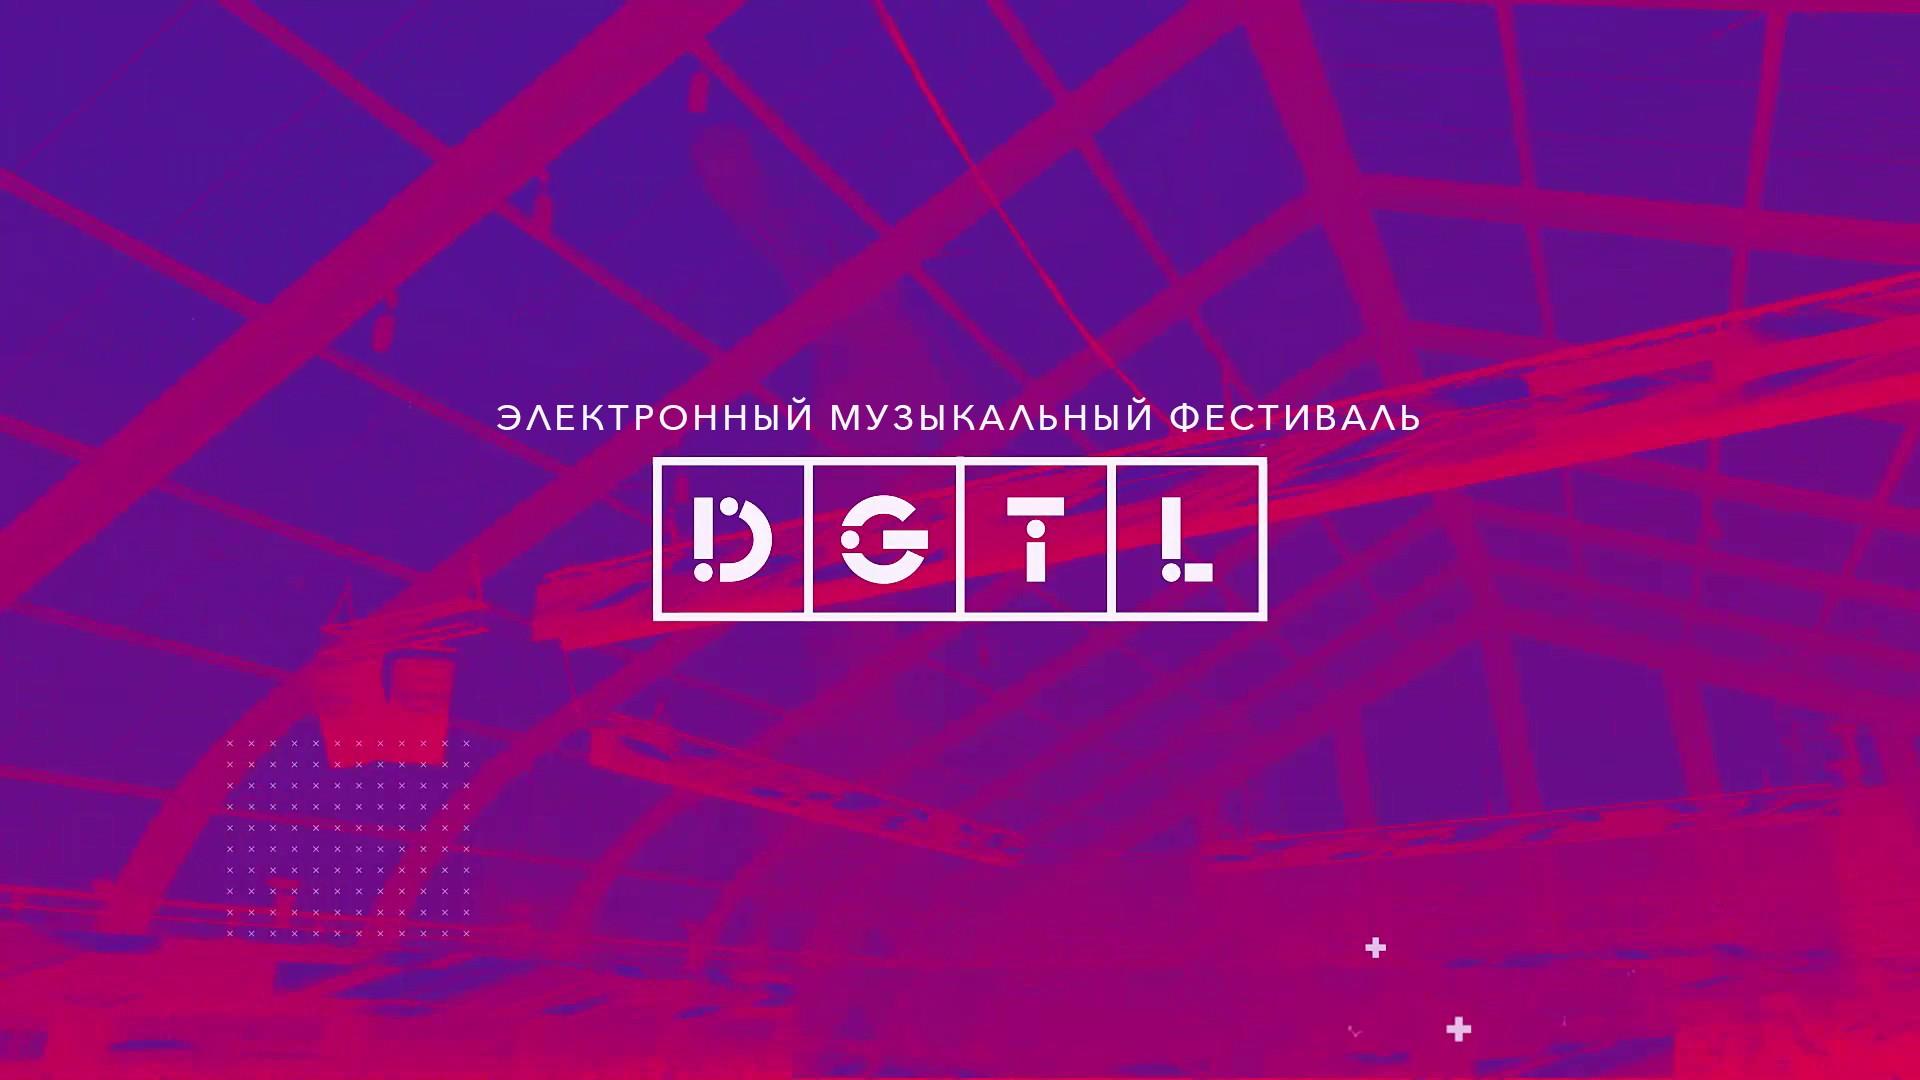 Электронный музыкальный фестиваль DGTL